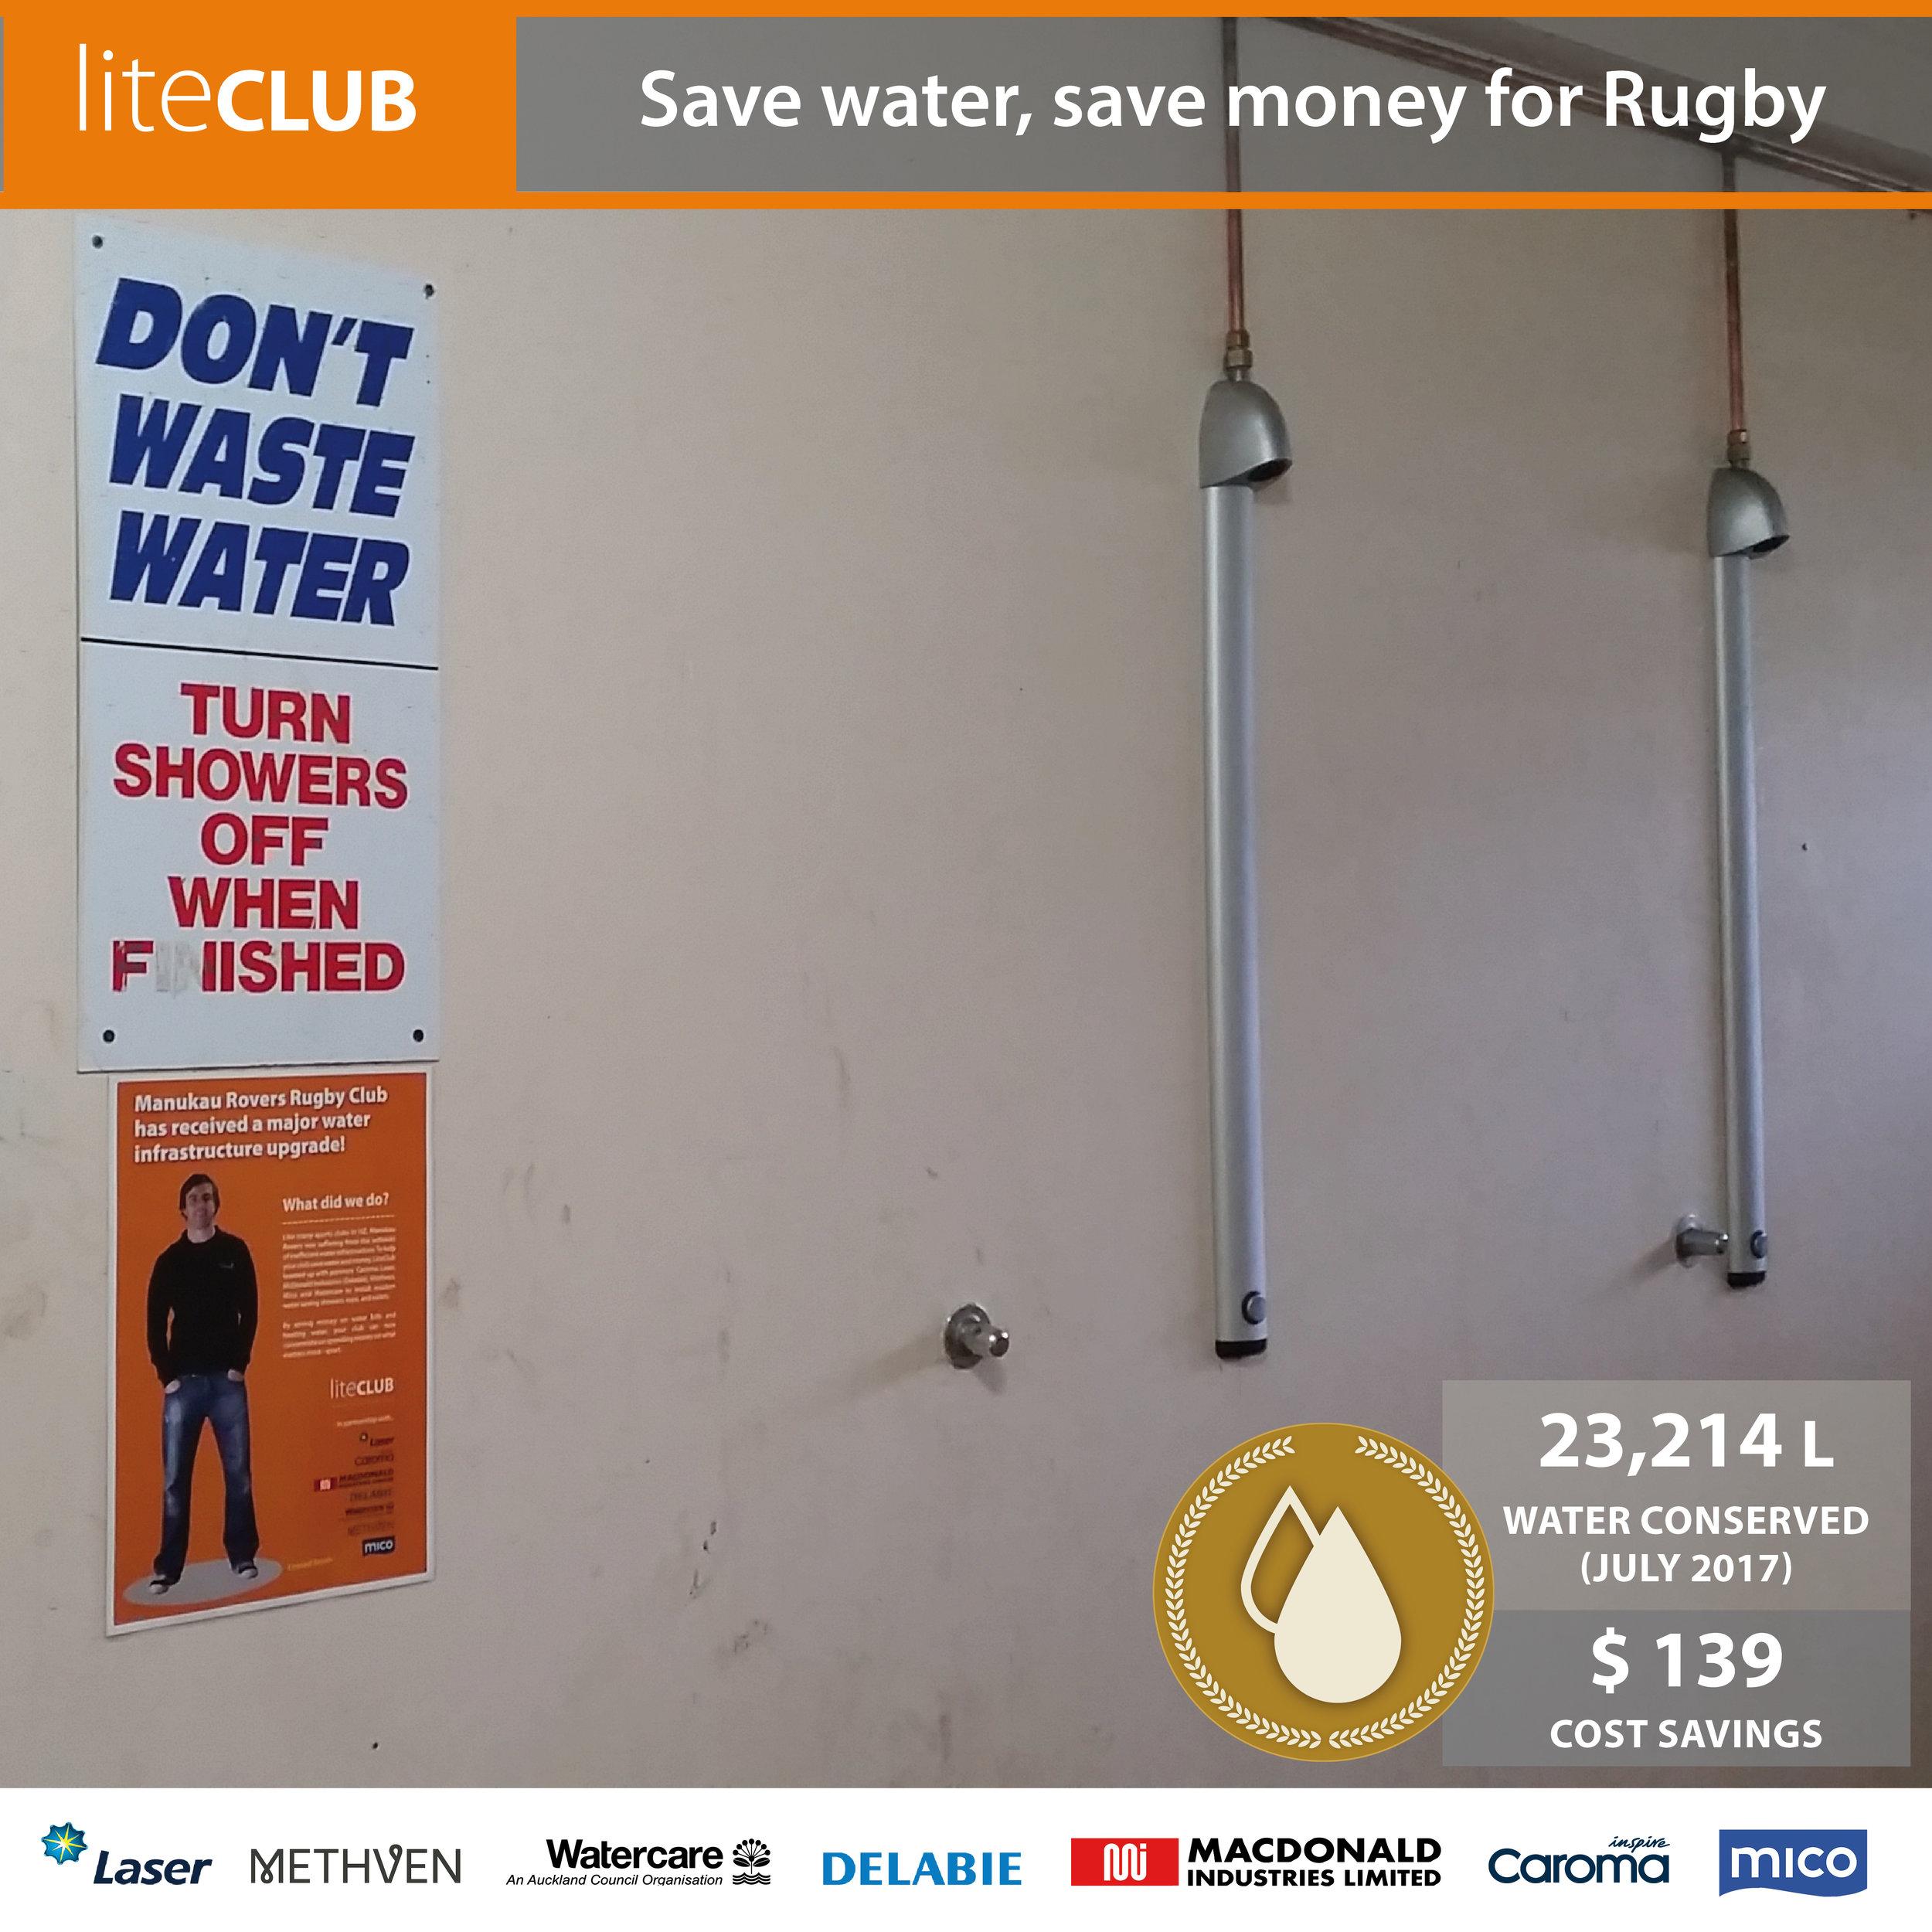 Saving water saves money!